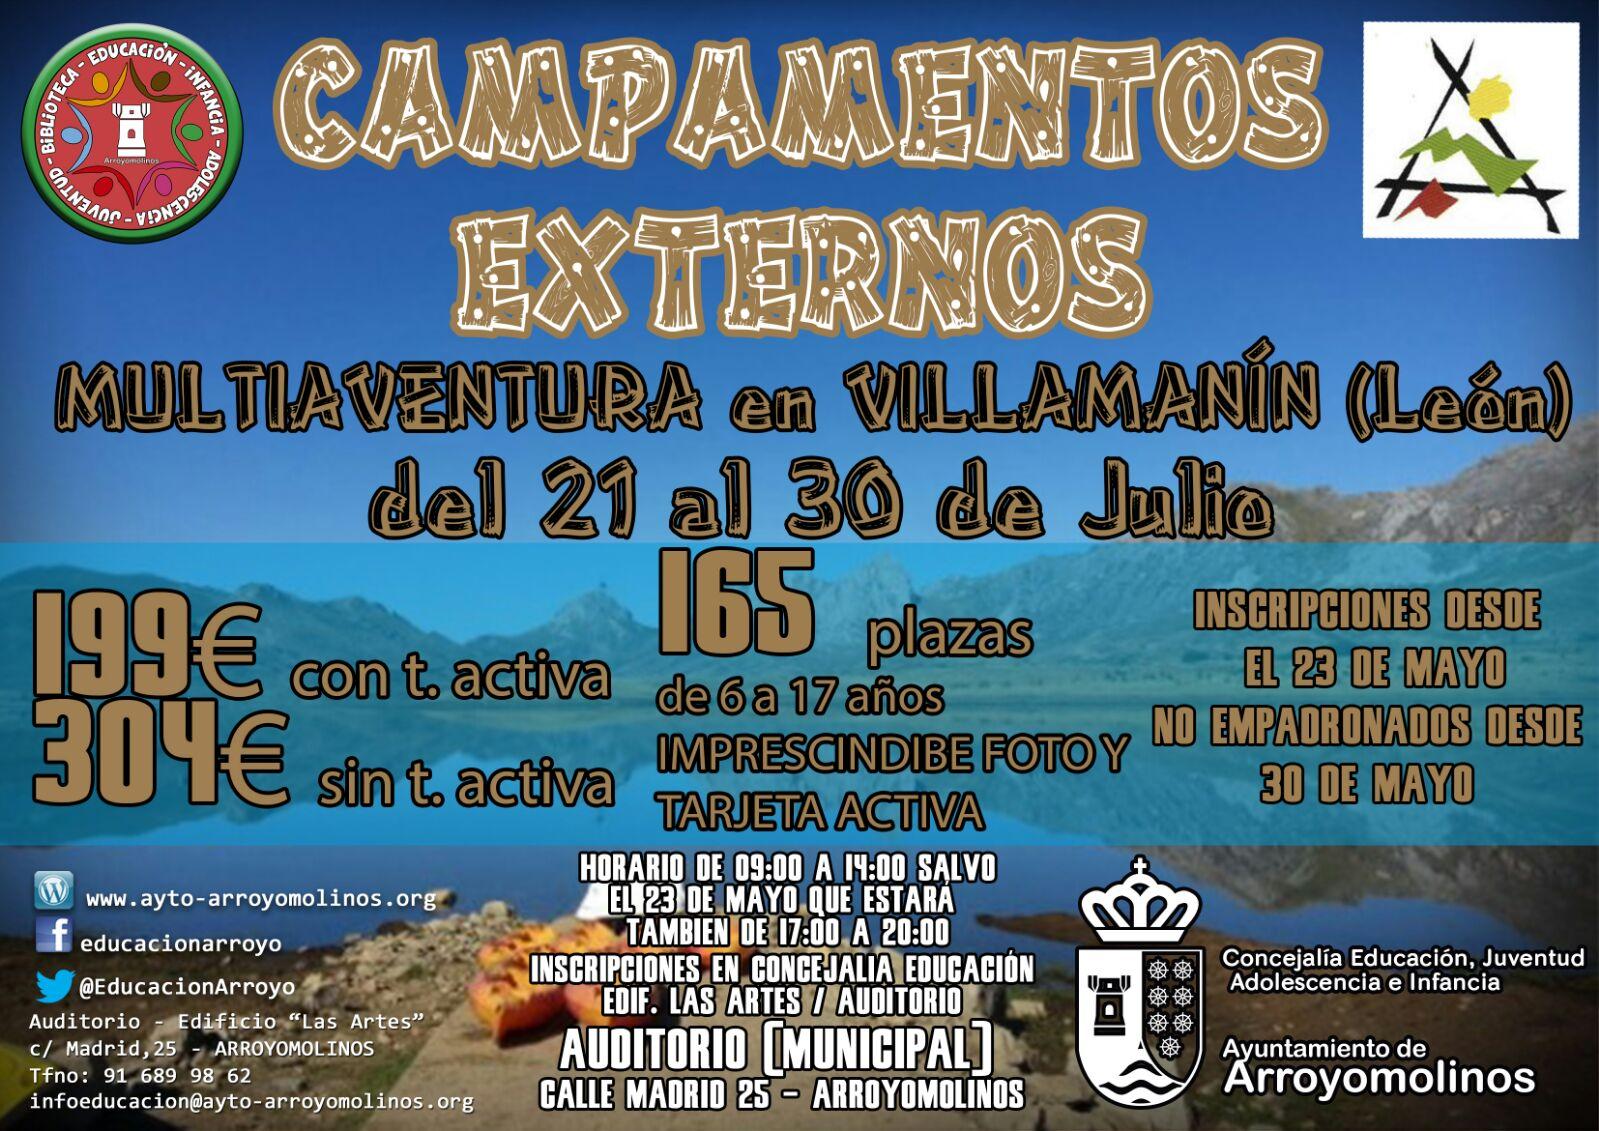 Campamentos externos de verano 2016 Arroyomolinos